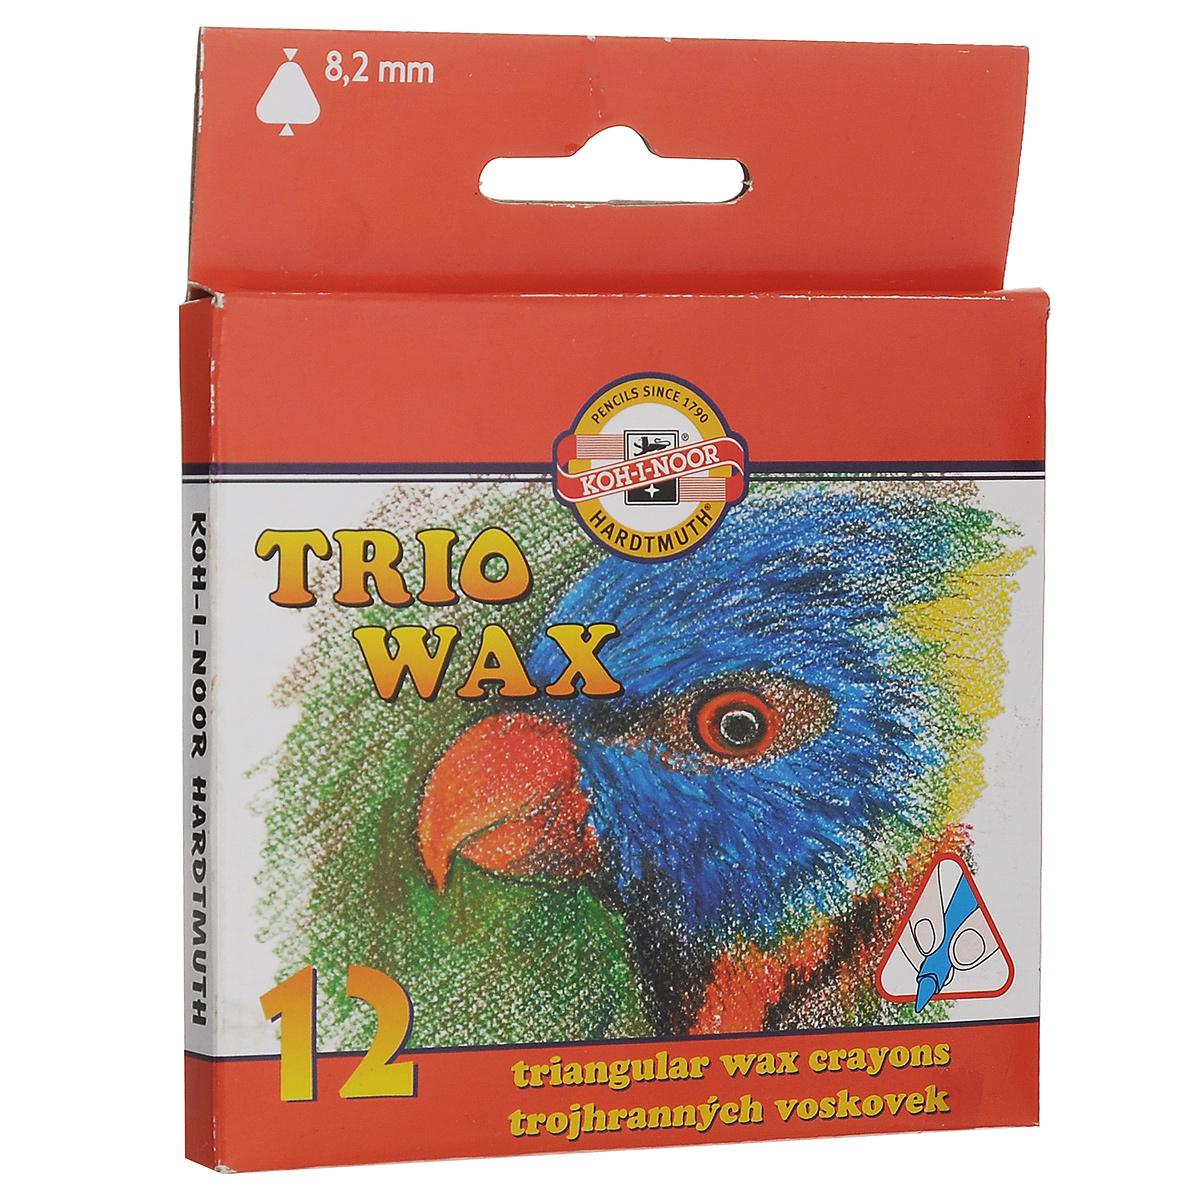 Пастель восковая Koh-i-Noor Trio Wax, трехгранная, 12 цветов карандаши восковые мелки пастель lyra groove цветные утолщённые 5 цветов